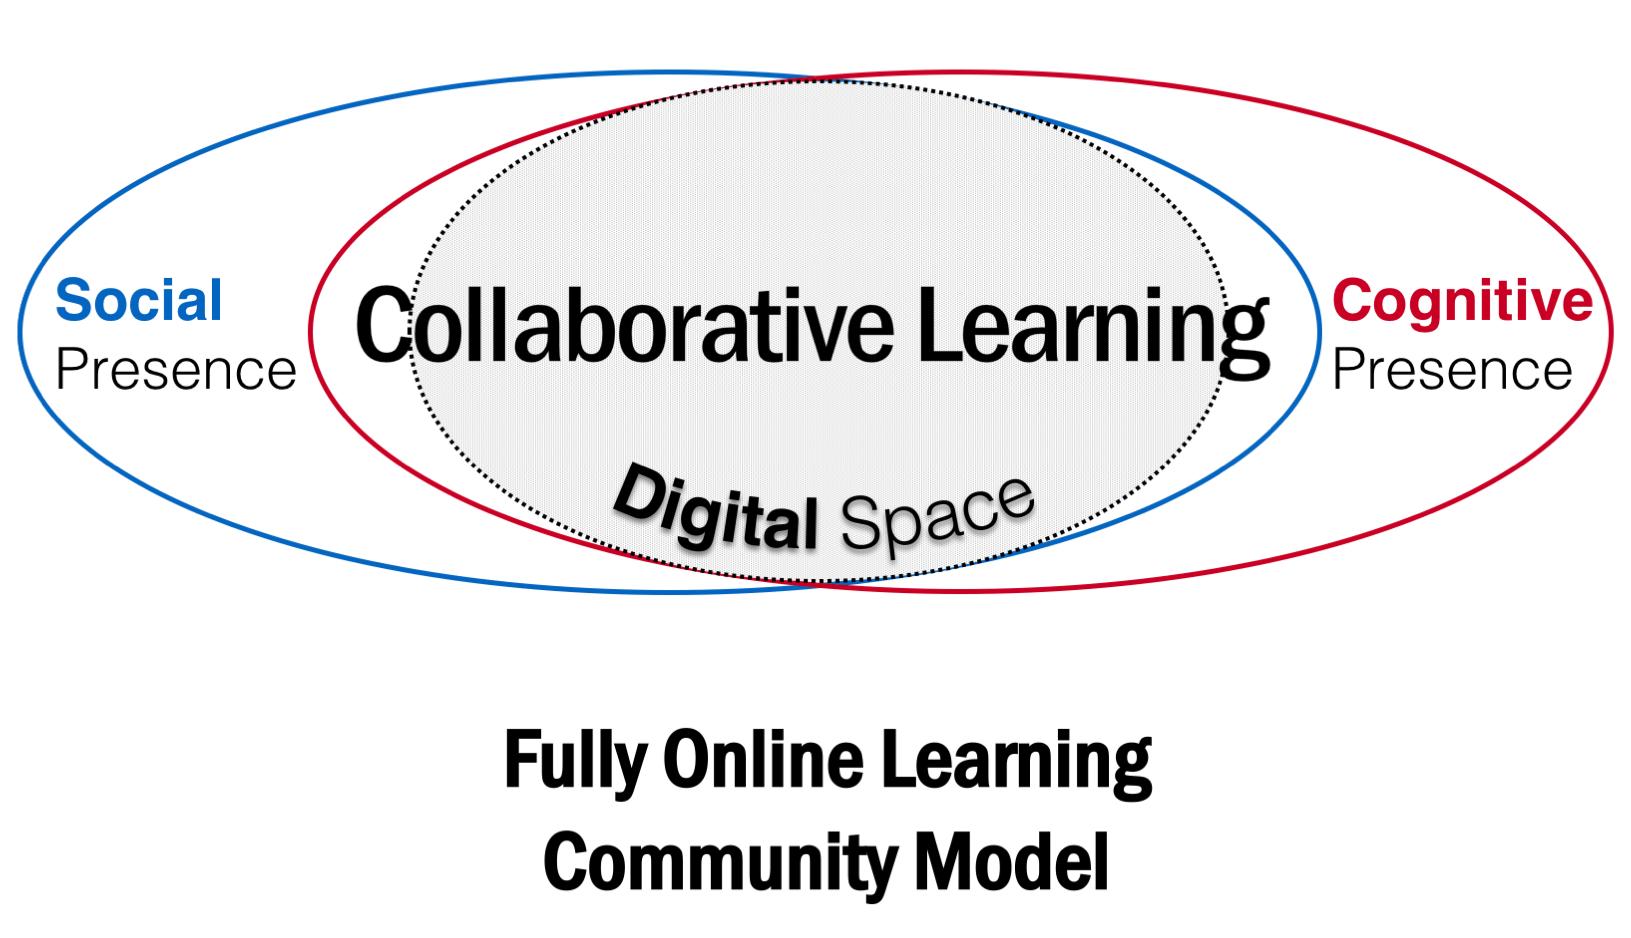 vanOostveen Fully ONline Learning Community Model